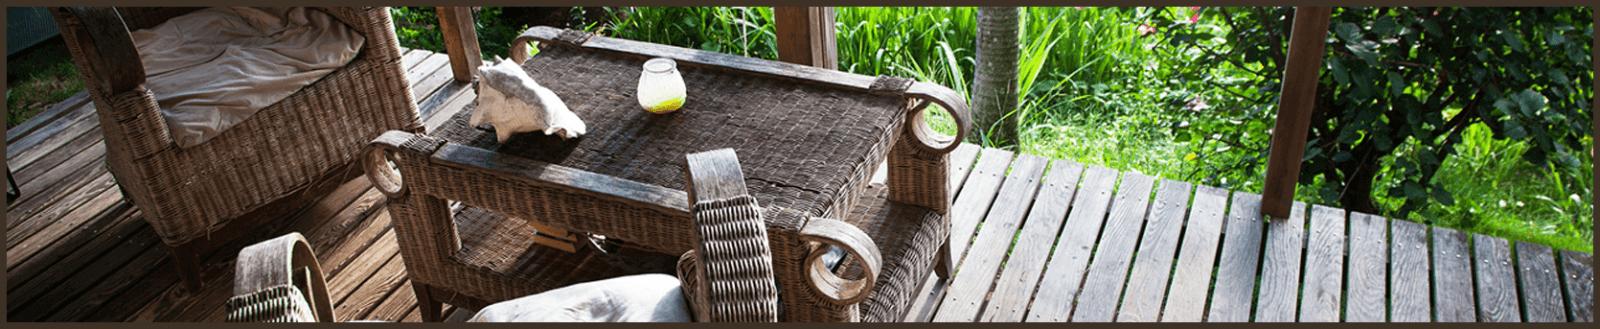 דק עץ לחצר